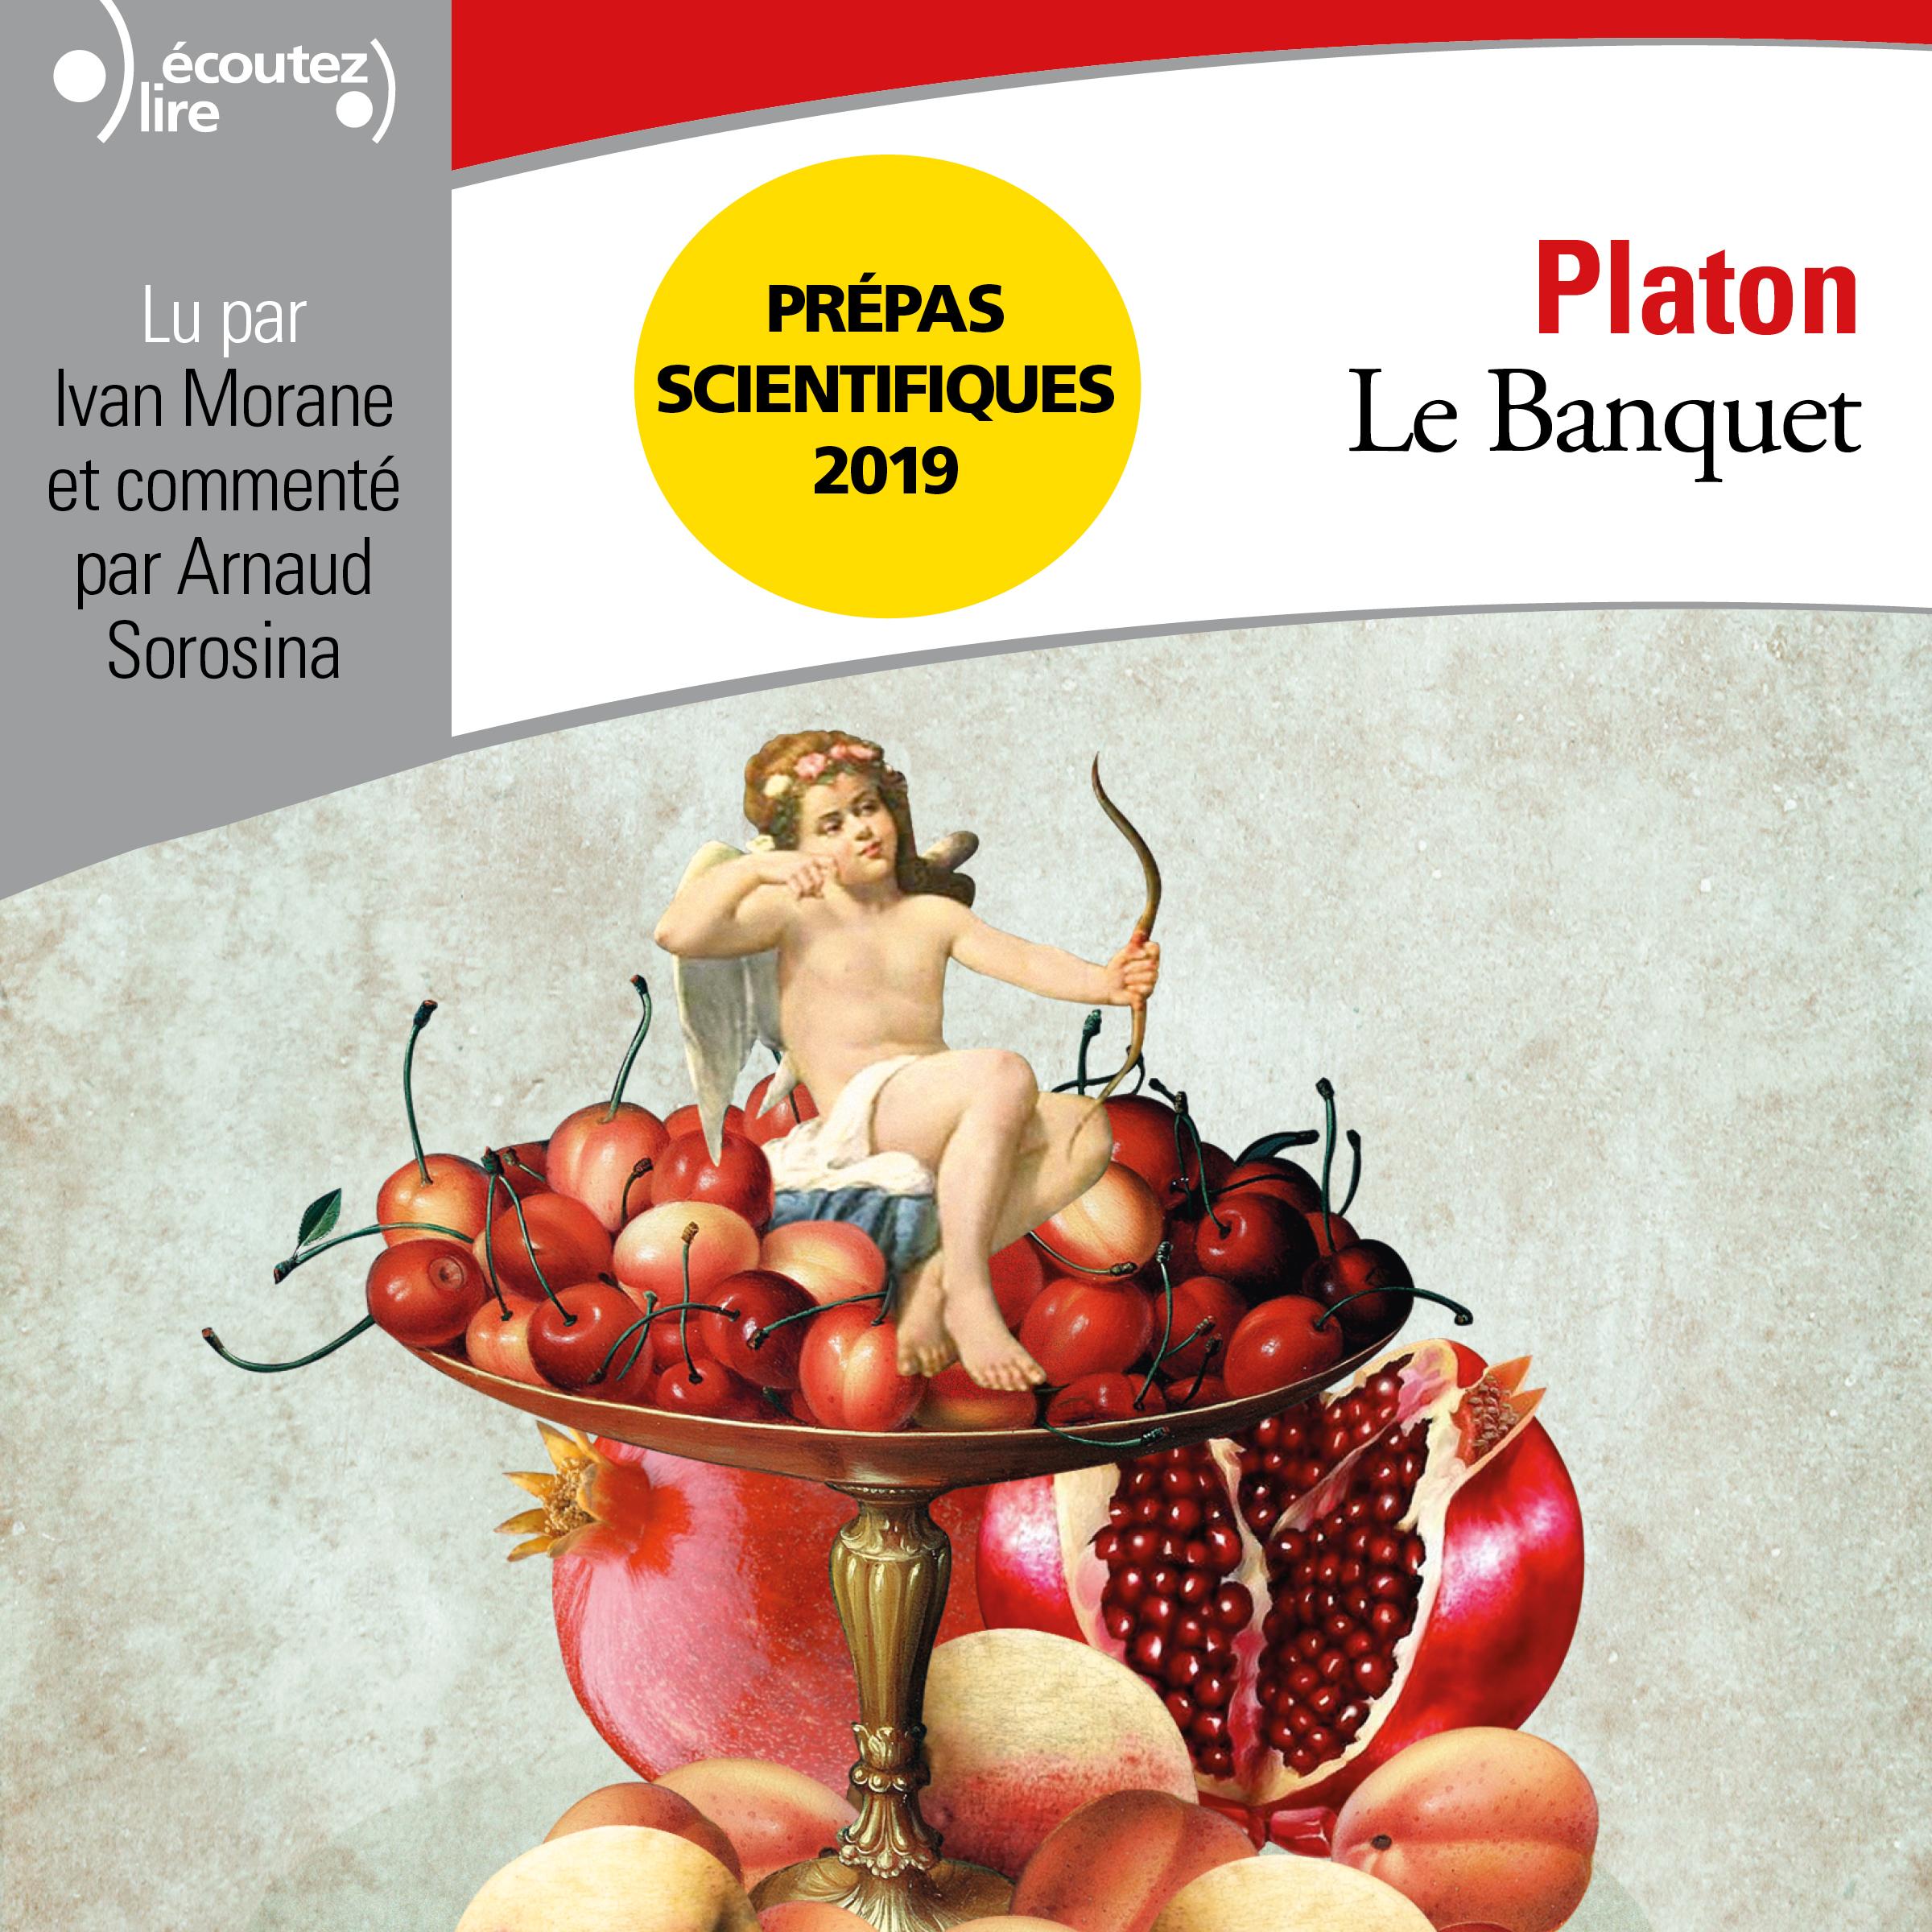 Le Banquet - Pr?pas scientifiques 2018-2019 - Edition prescrite